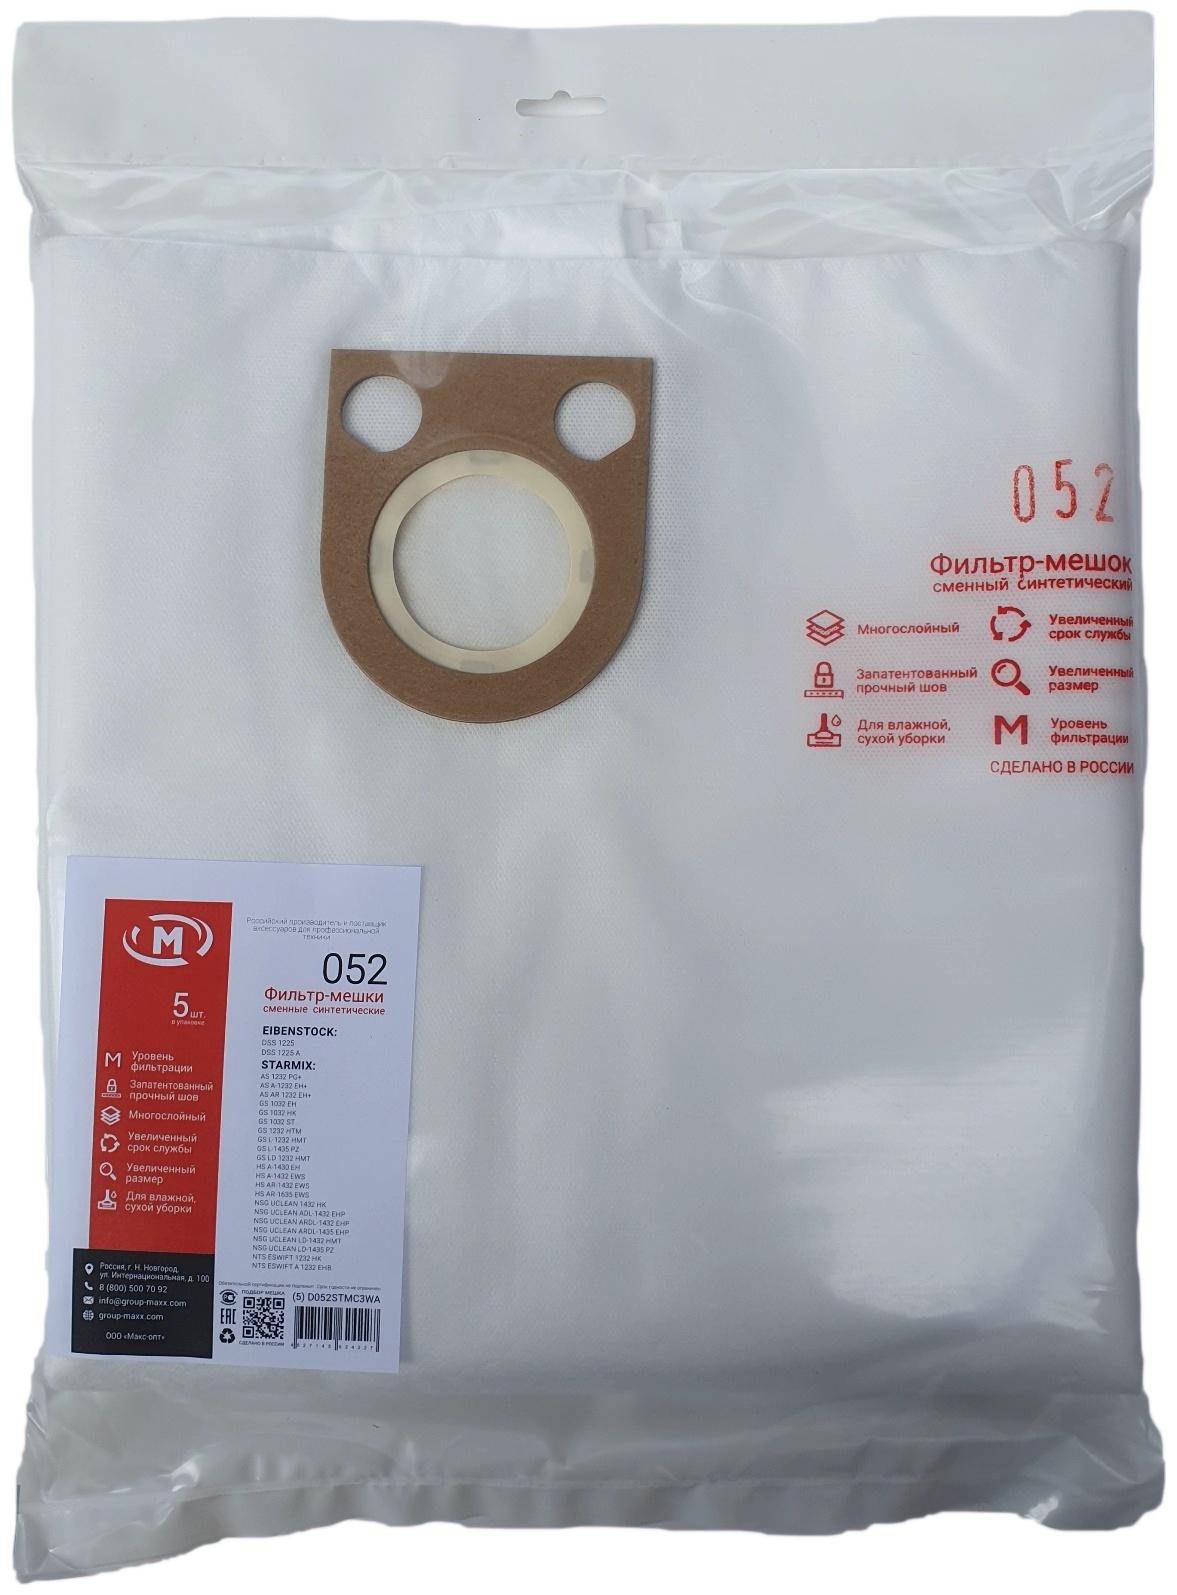 Пылесборники MAXX 052 для промышленных пылесосов, 5 шт. bosch hmt 72m420